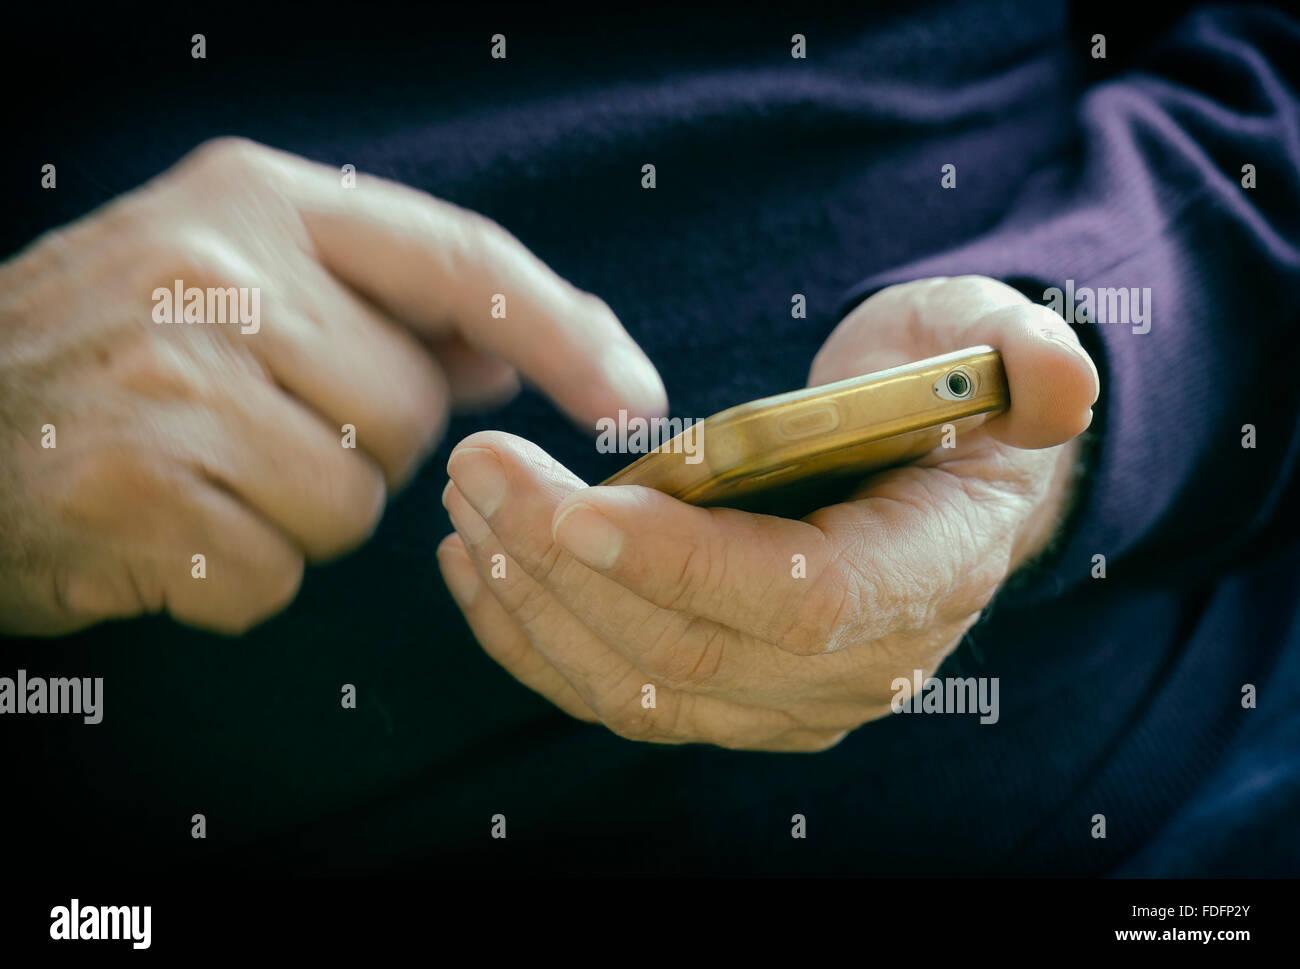 Les mains des hommes de la saisie d'informations sur smart phone. Photo Stock